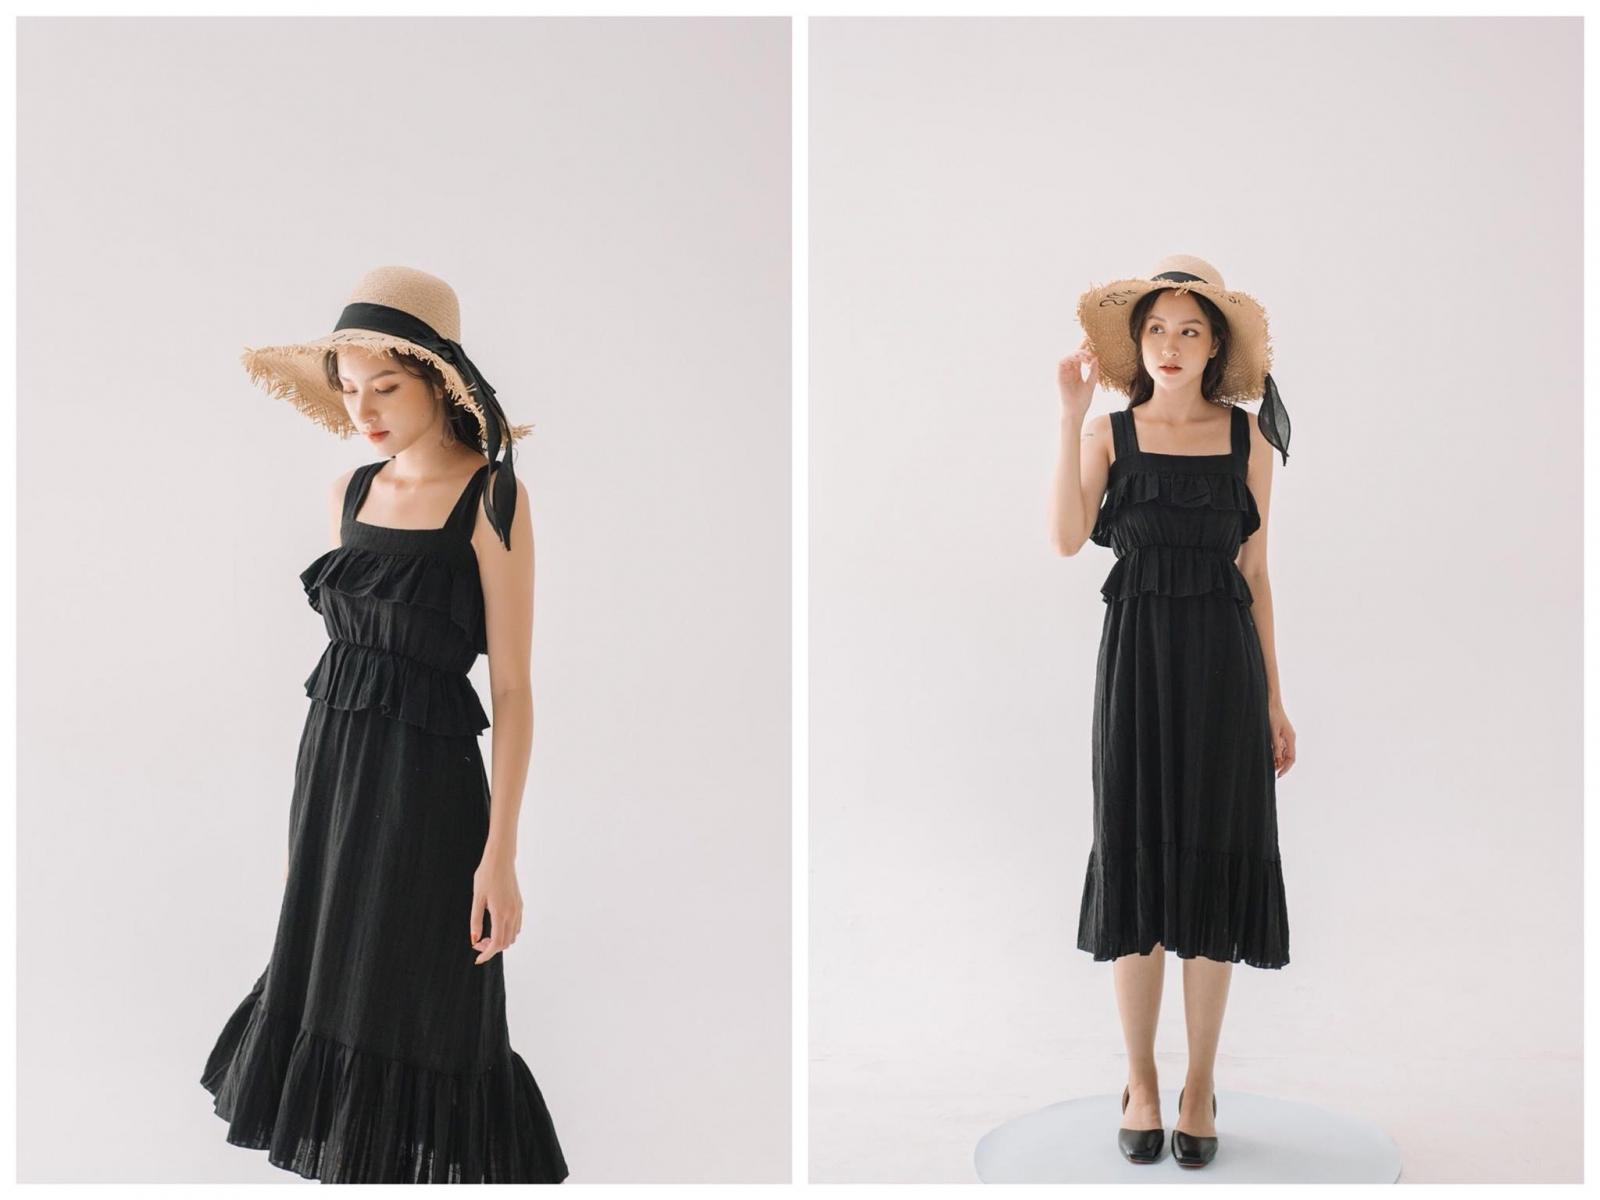 shop bán váy đầm đẹp nhất ở Hà Nội